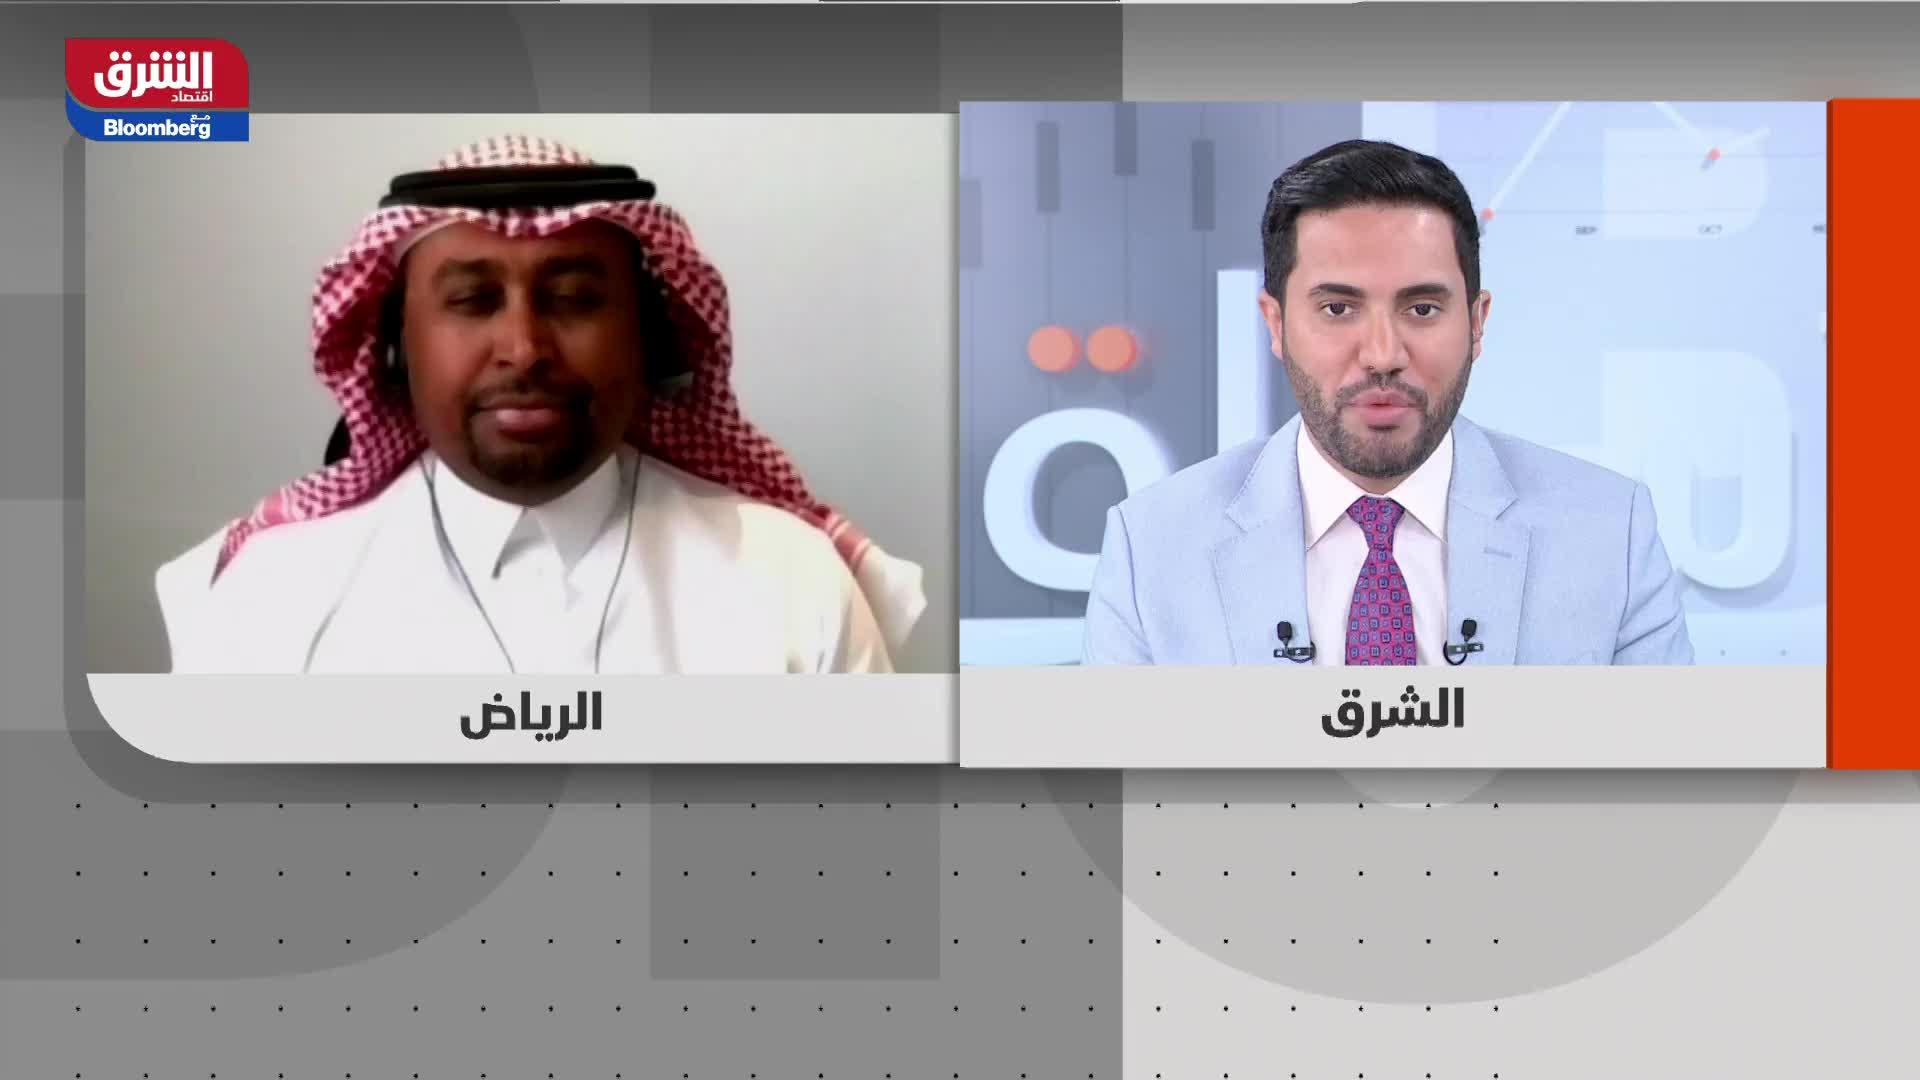 لماذا تم بيع كامل أسهم الخزينة للبنك السعودي للاستثمار بهذه الطريقة؟